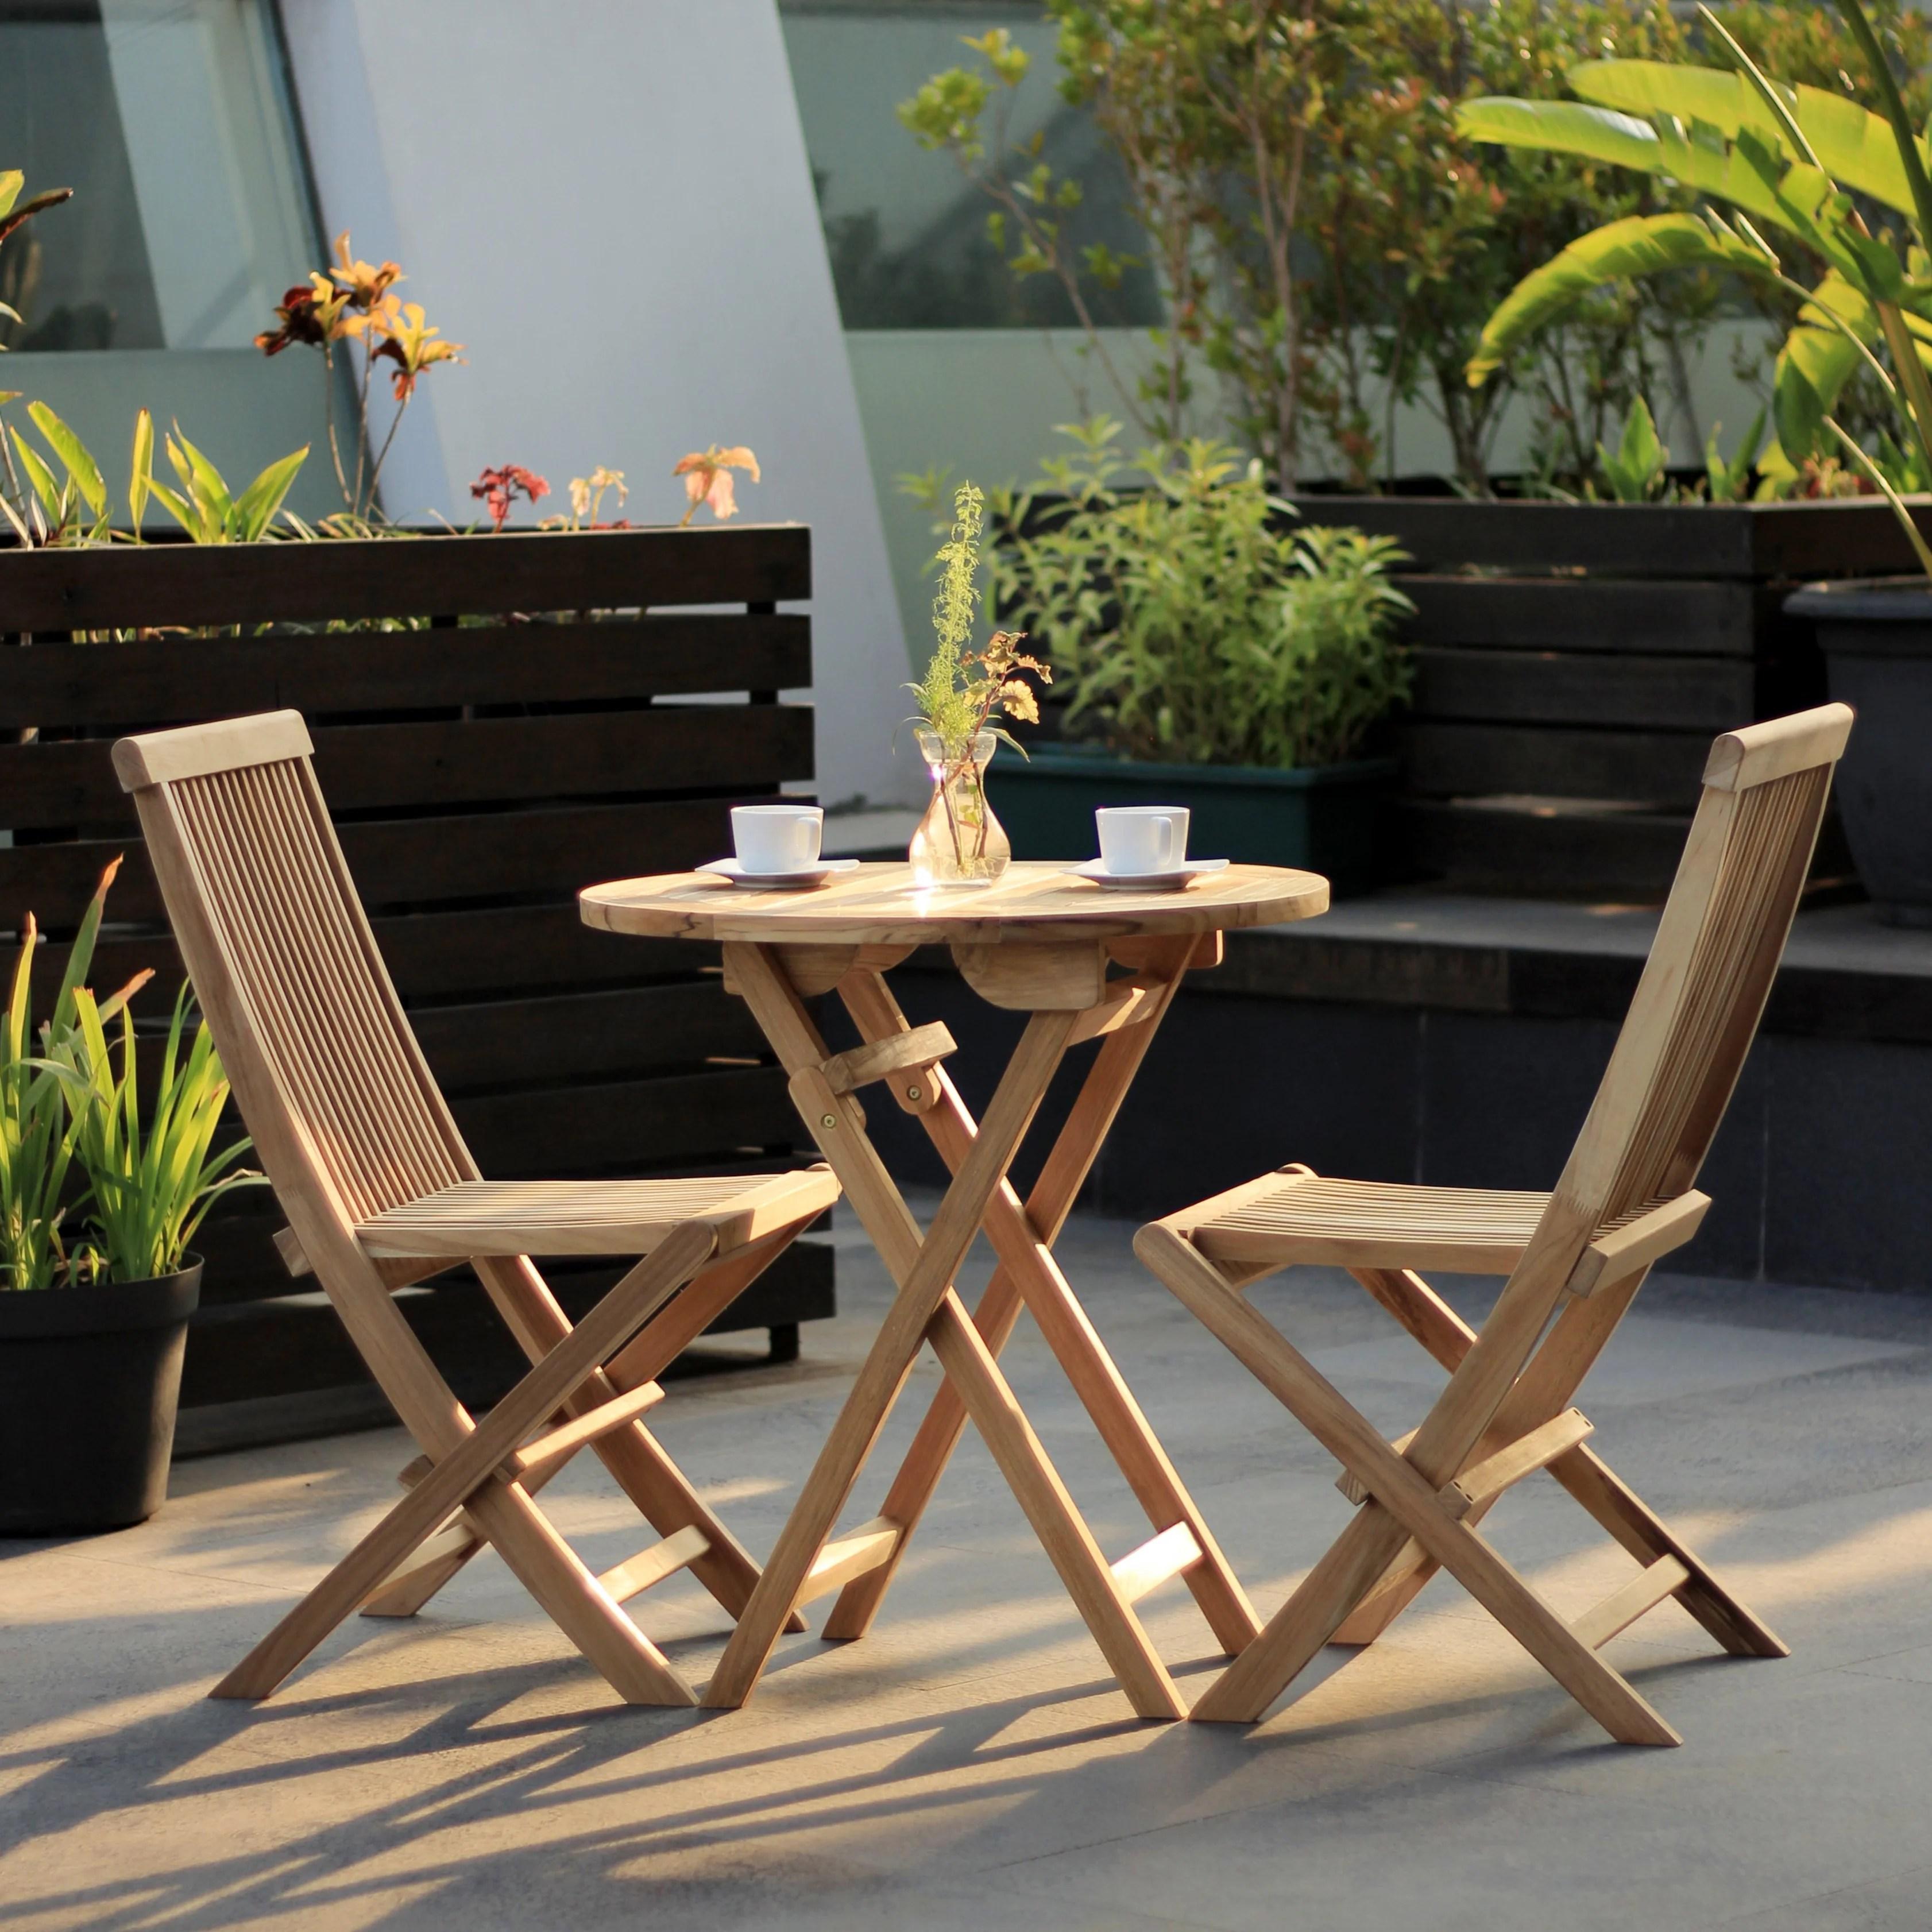 Teak Foldable Small Set Hemma Online Furniture Store Singapore